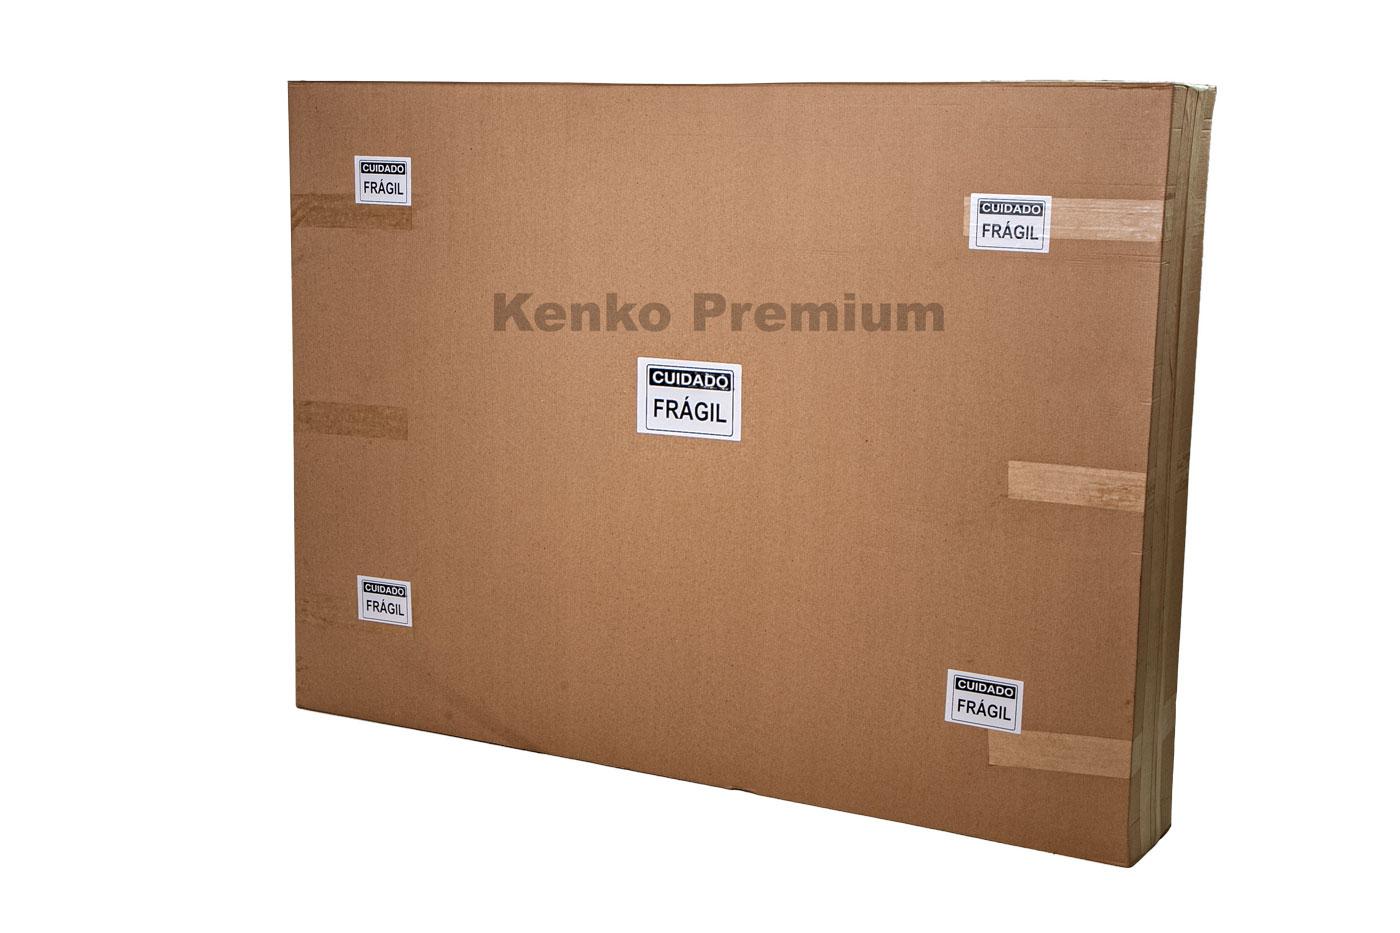 Colchão Magnético Kenko Premium, Modelo HR 29cm Látex - Queen Size 1,58x1,98  - Kenko Premium Colchões